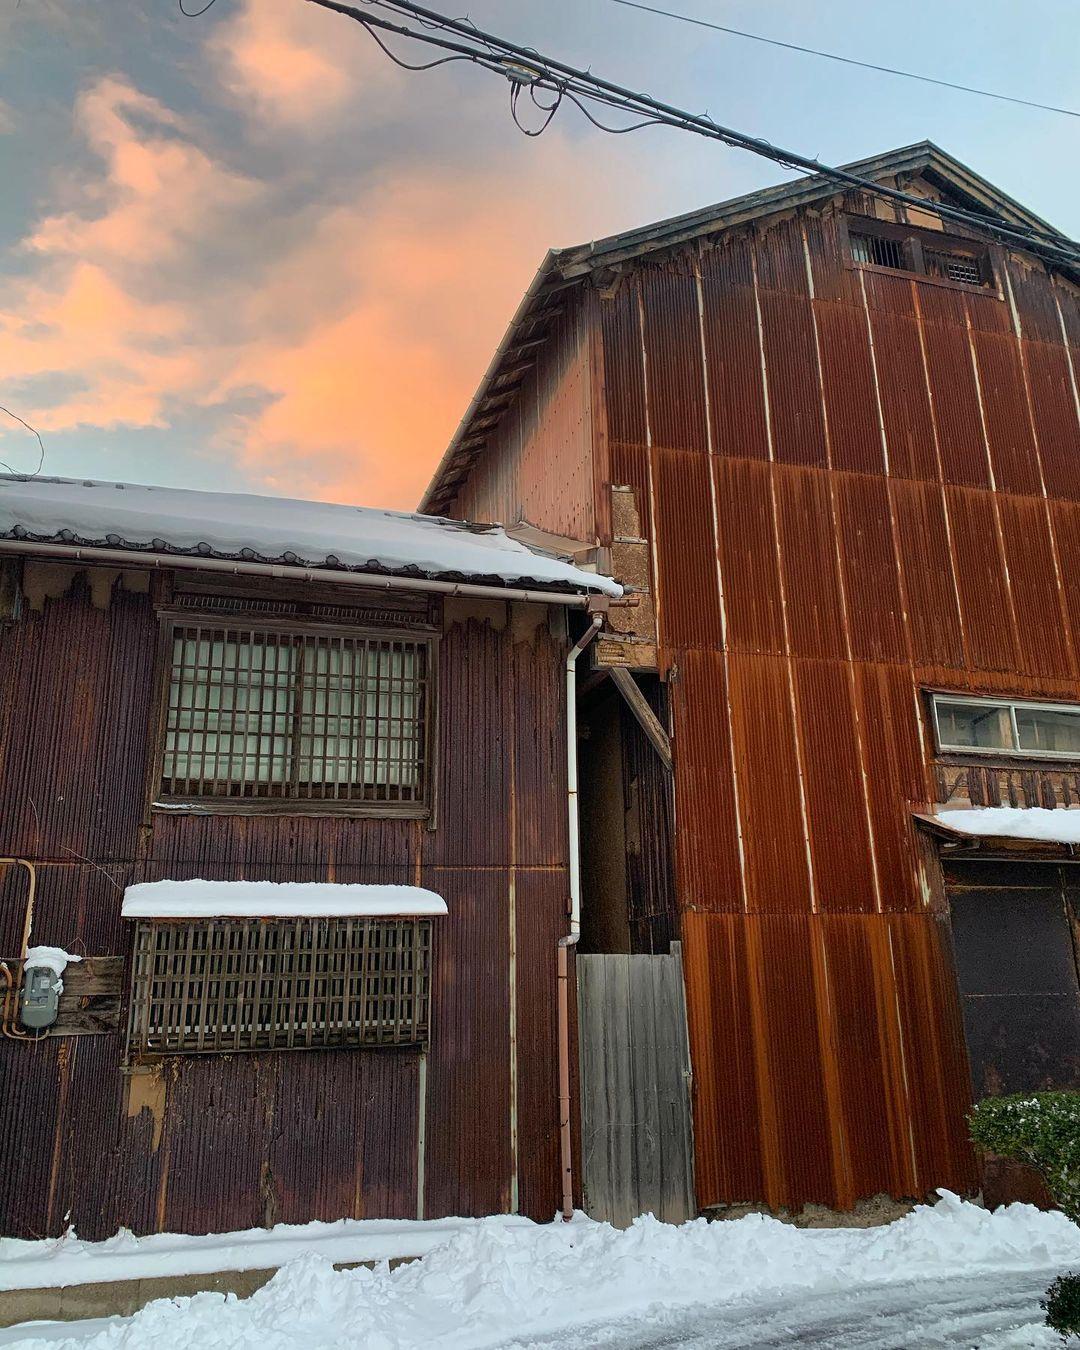 Alte Häuser in typischer, rostbrauner Farbe vor rötlichem Himmel in Aoya